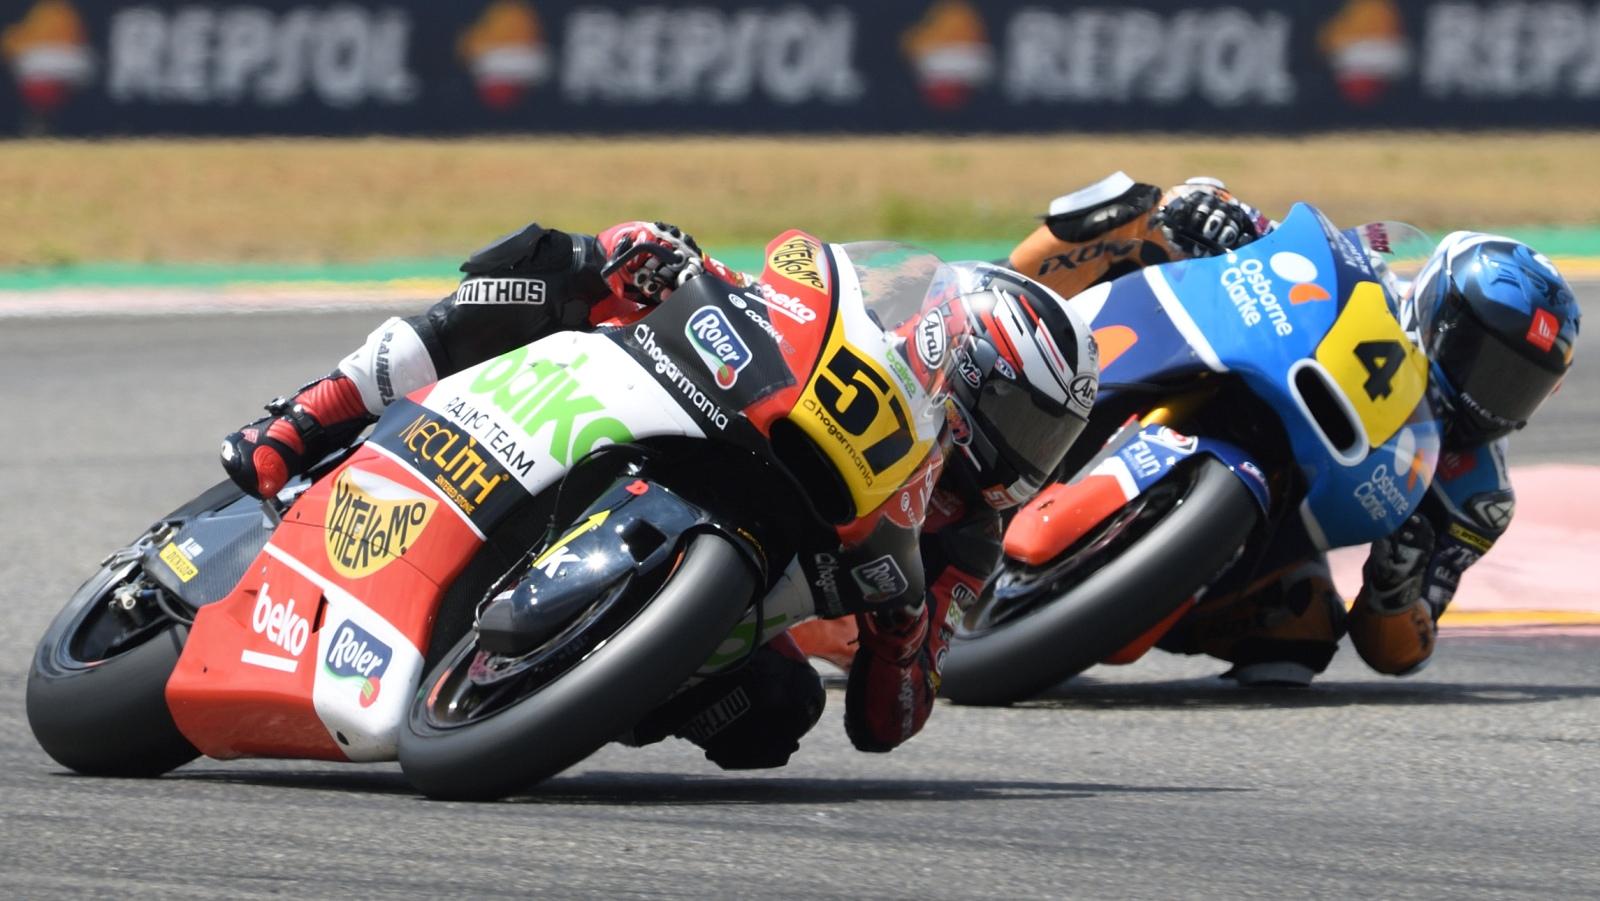 Héctor Garzó se impone en mojado y Edgar Pons en seco para ser más líder de Moto2